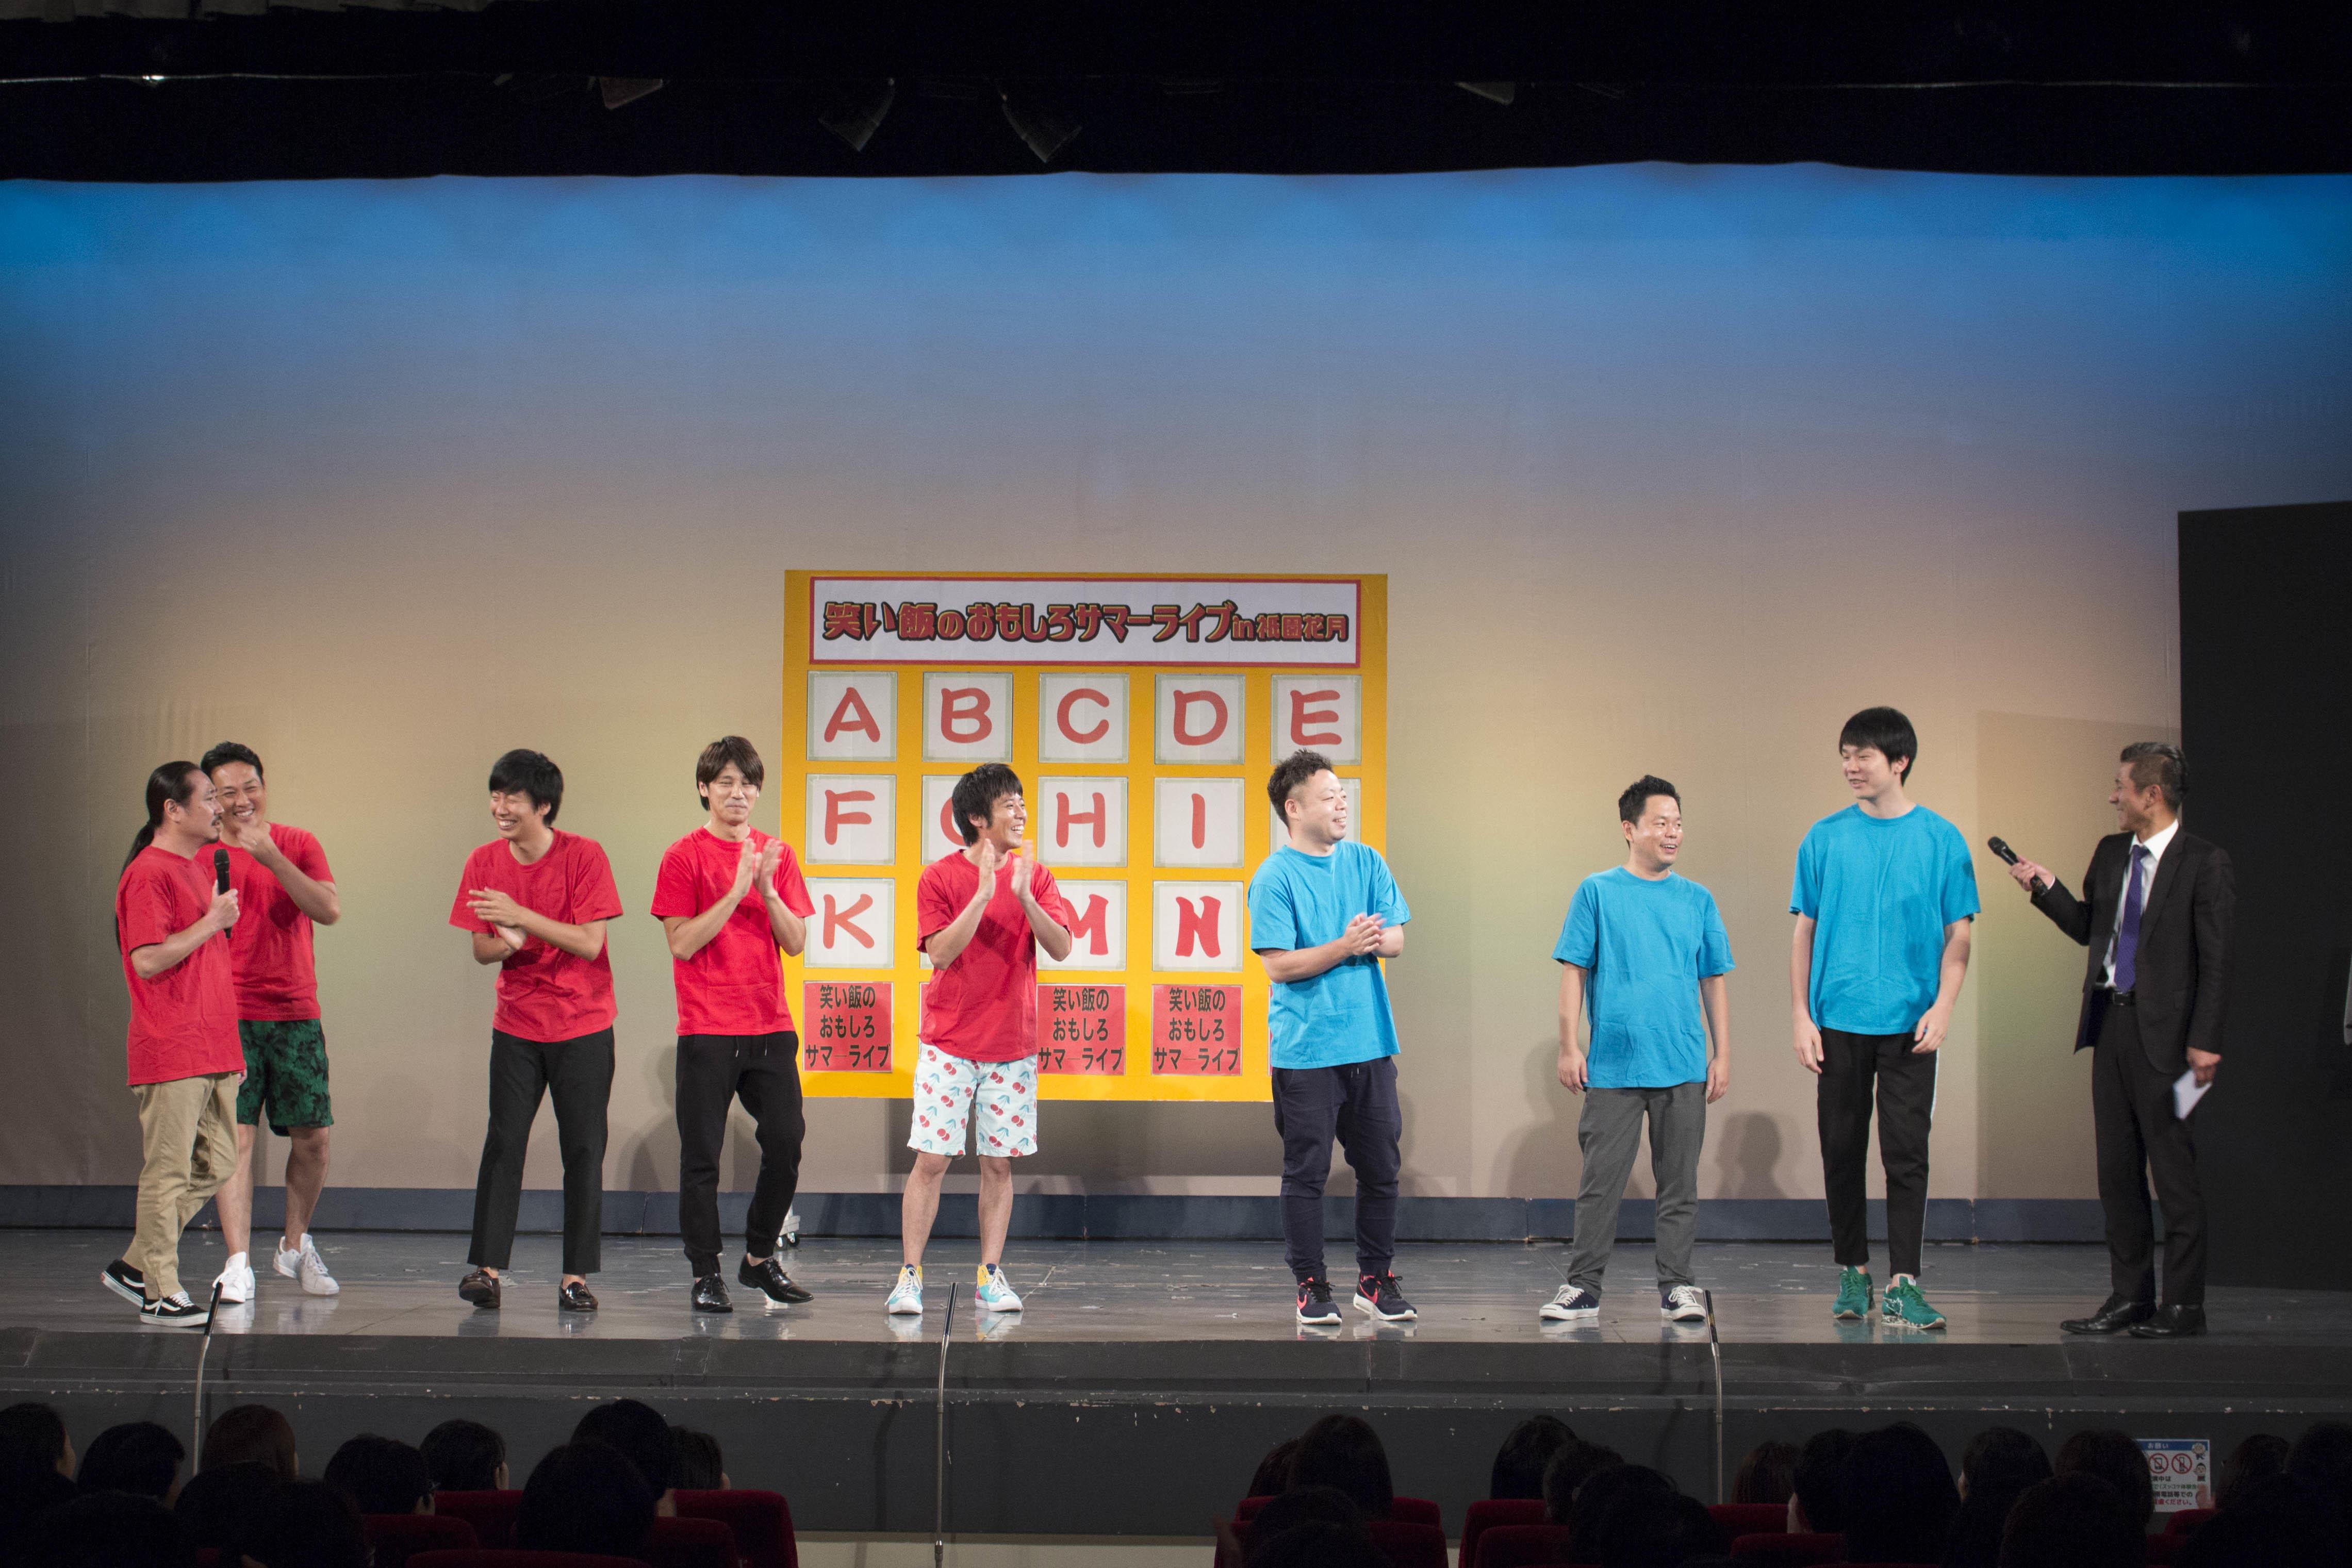 http://news.yoshimoto.co.jp/20180715061725-c72e70acf1bdd90f363138250f2a5ccd5d834a8c.jpg